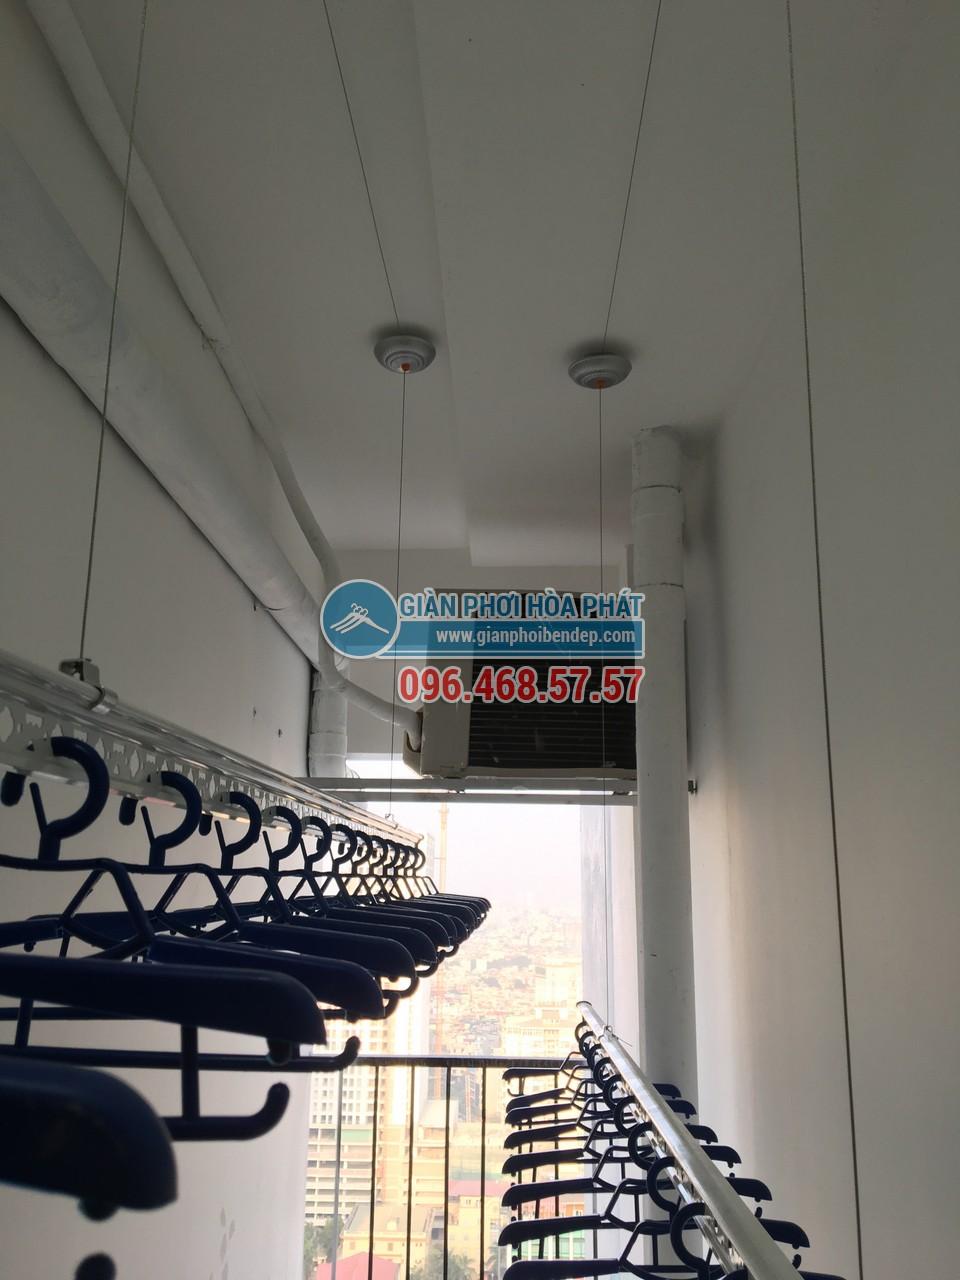 Hoàn thiện lắp đặt giàn phơi thông minh tại lô gia nhà chú Hưng, Golden West - 06